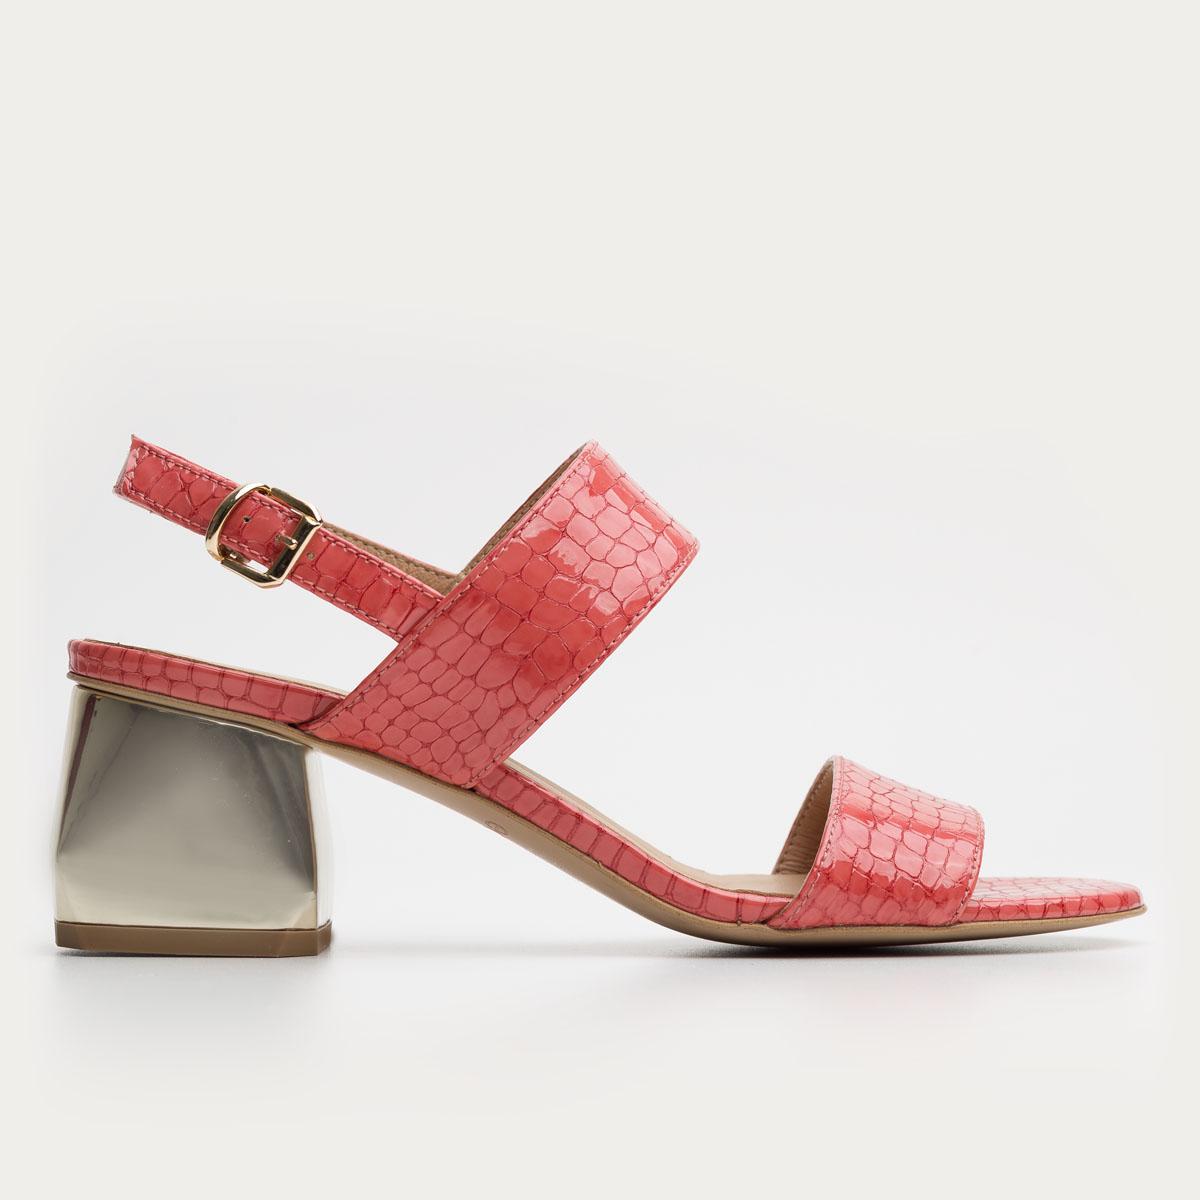 Malinowy sandał na klocku